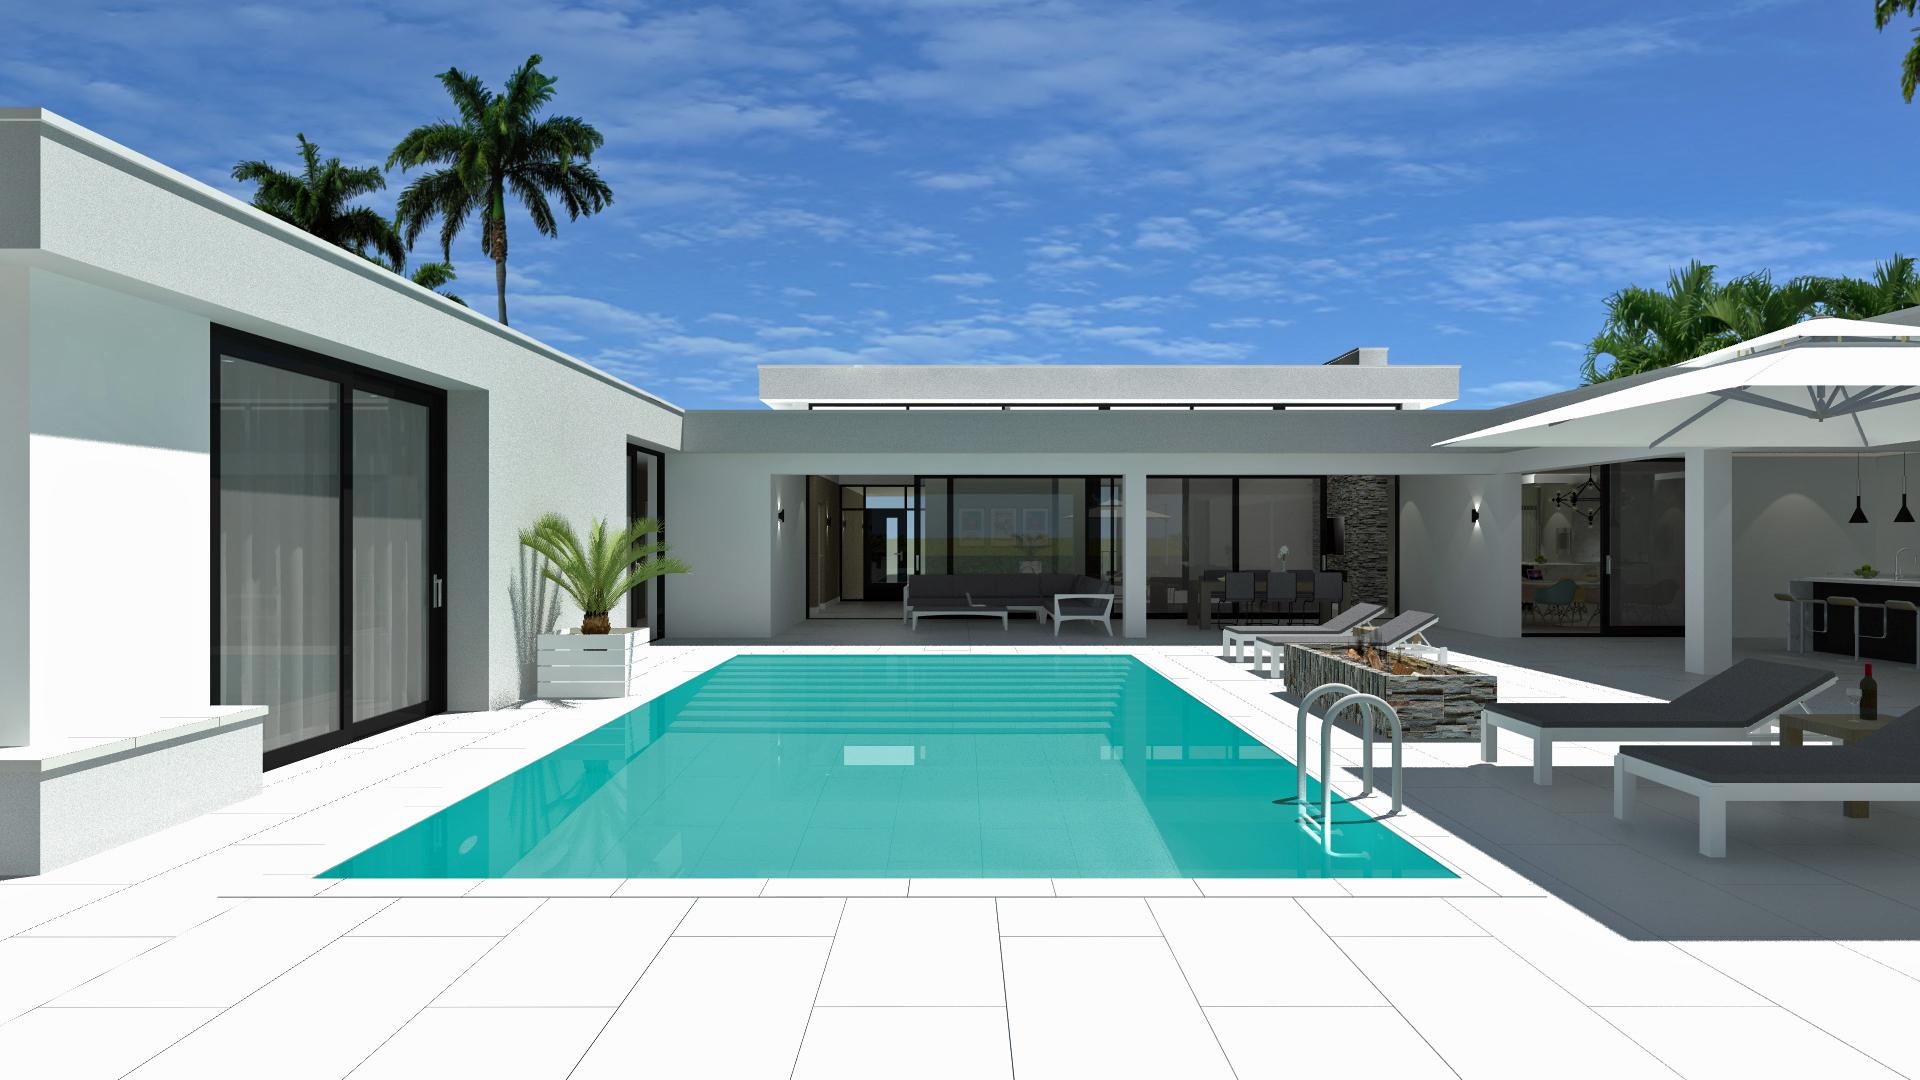 Op een nieuwbouwkavel in Palm Beach (Noord) Aruba is een ontwerp gemaakt voor een vrijstaand woonhuis. Aruba is een eiland gelegen in het Caraïbisch gebied. De bouwkavel is ongeveer 1100 m2 groot en ligt in een villawijk nabij het strand. Concept De particuliere opdrachtgever wilde graag een bungalow waarbij privacy hoog in het vaandel staat. Tevens was de wens om een gastenverblijf te hebben dat apart toegankelijk is. Wij hebben een ontwerp gemaakt met een patio aan de achterzijde van de woning. Deze patio geeft beschutting tegen de tropische zon en is besloten van de openbare weg aan de voorzijde van de woning. In het hart van de patio is een zwembad met rondom veranda's. Het U-vormige volume heeft aan de linkerzijde direct toegang gekregen naar de gastenverblijf. Het U-vormige volume hebben wij qua functie indeling opgedeeld in twee delen; enerzijds een actief en anderzijds een passief deel. De passieve zijde bevatten alle functies als de slaapkamers, badkamers en garage. De actieve zijde bevat de woonkamer, study, woonkeuken, buitenkeuken en veranda's. Tussen